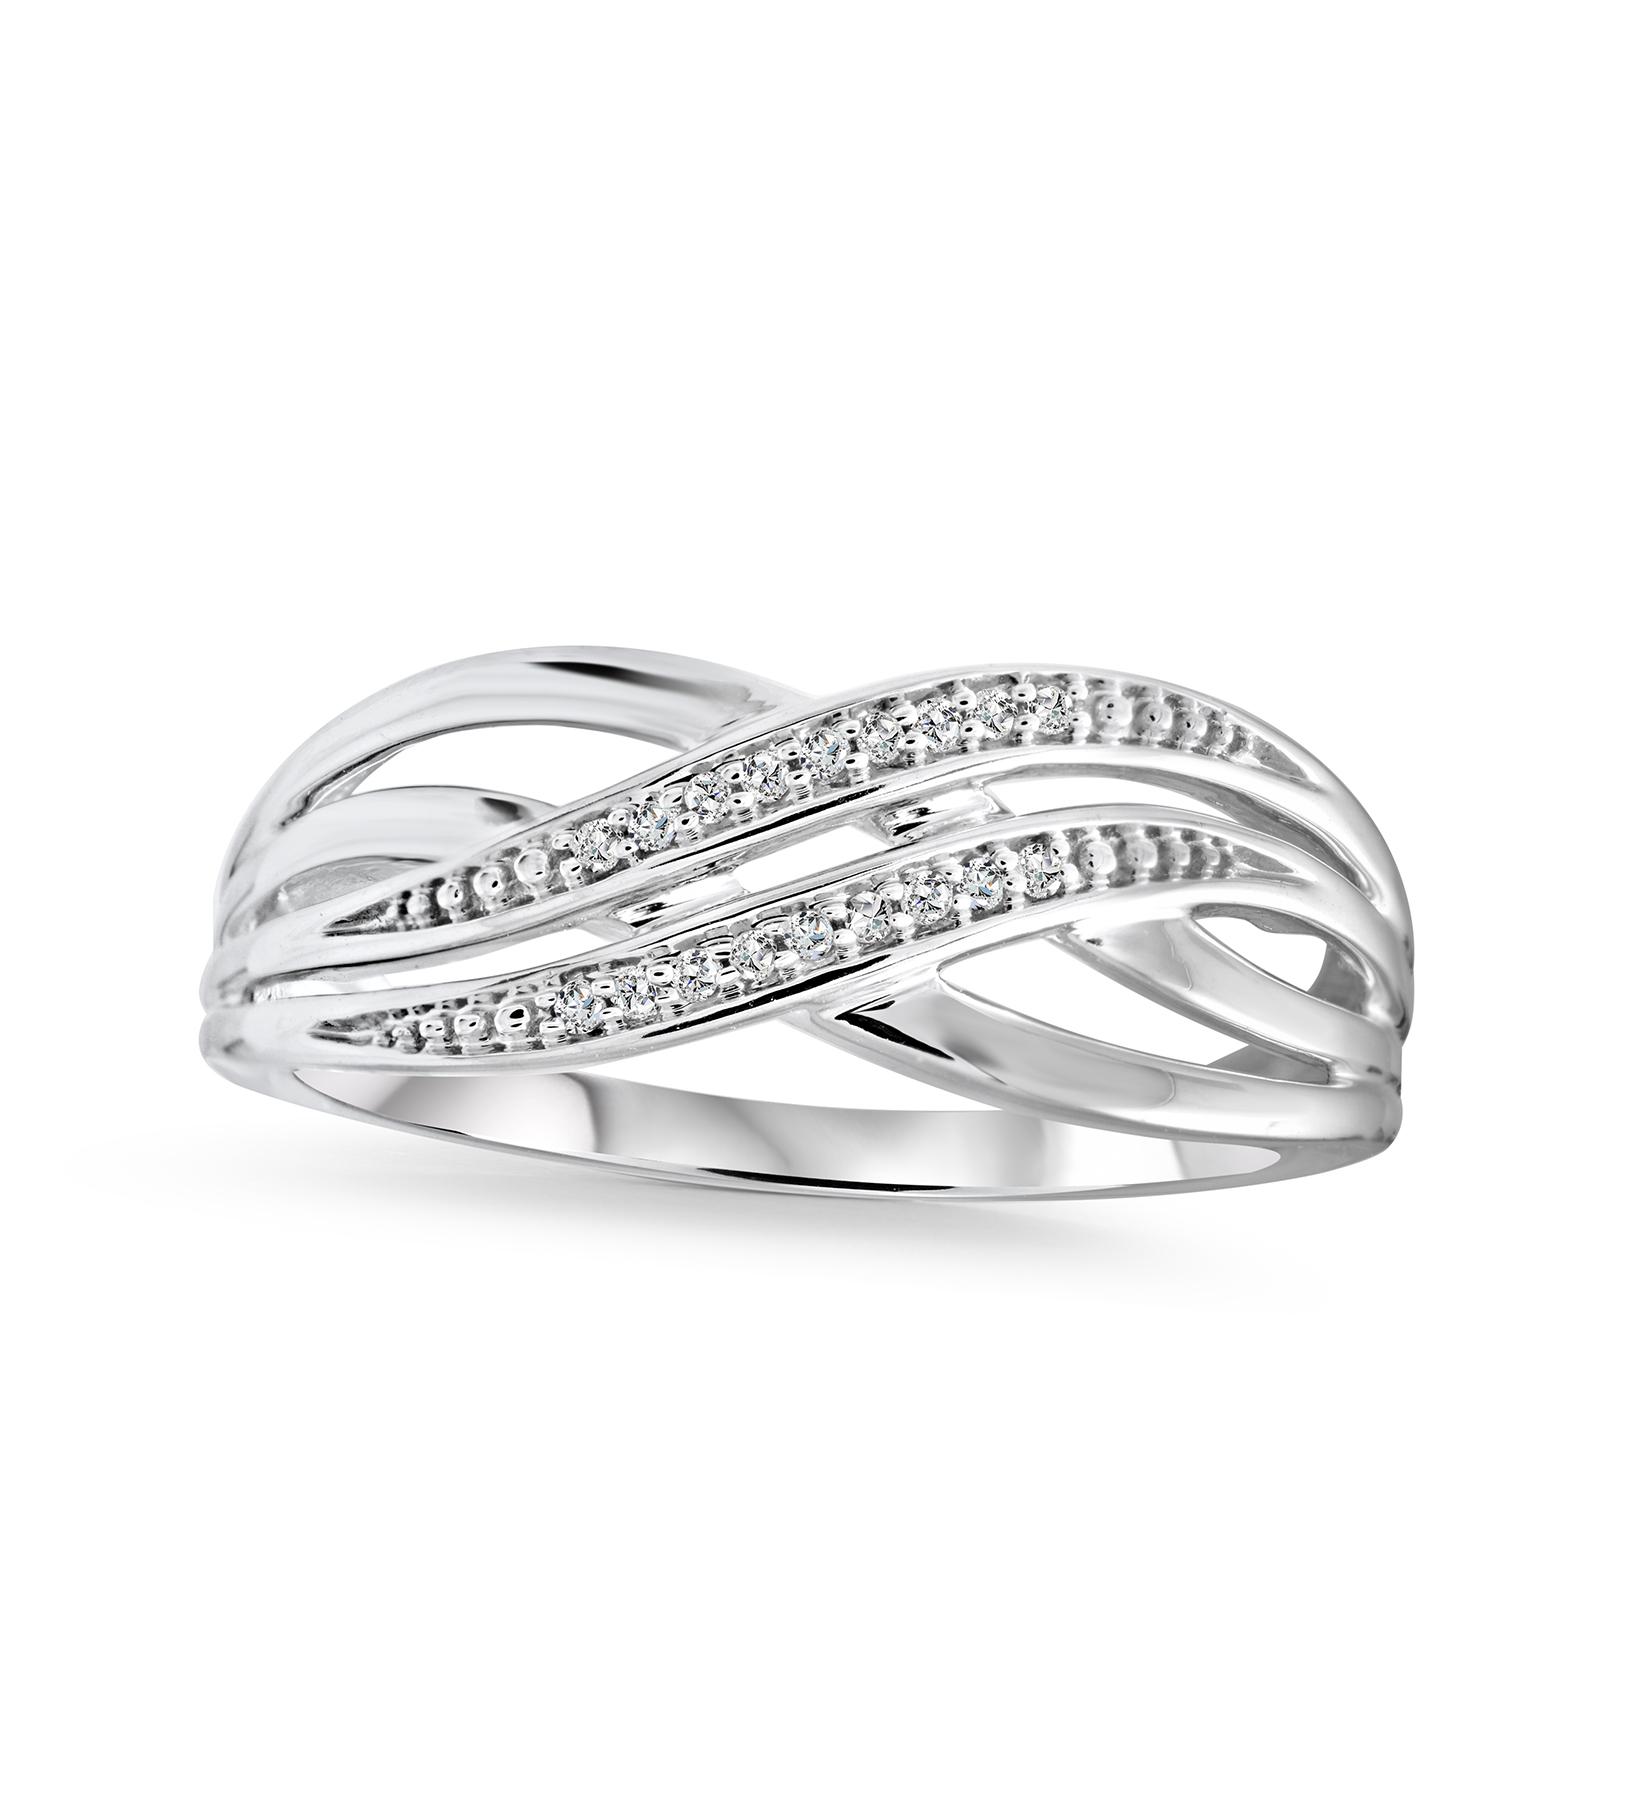 Bague pour femme - Or blanc 10K & Diamants totalisant 0.05 Carat